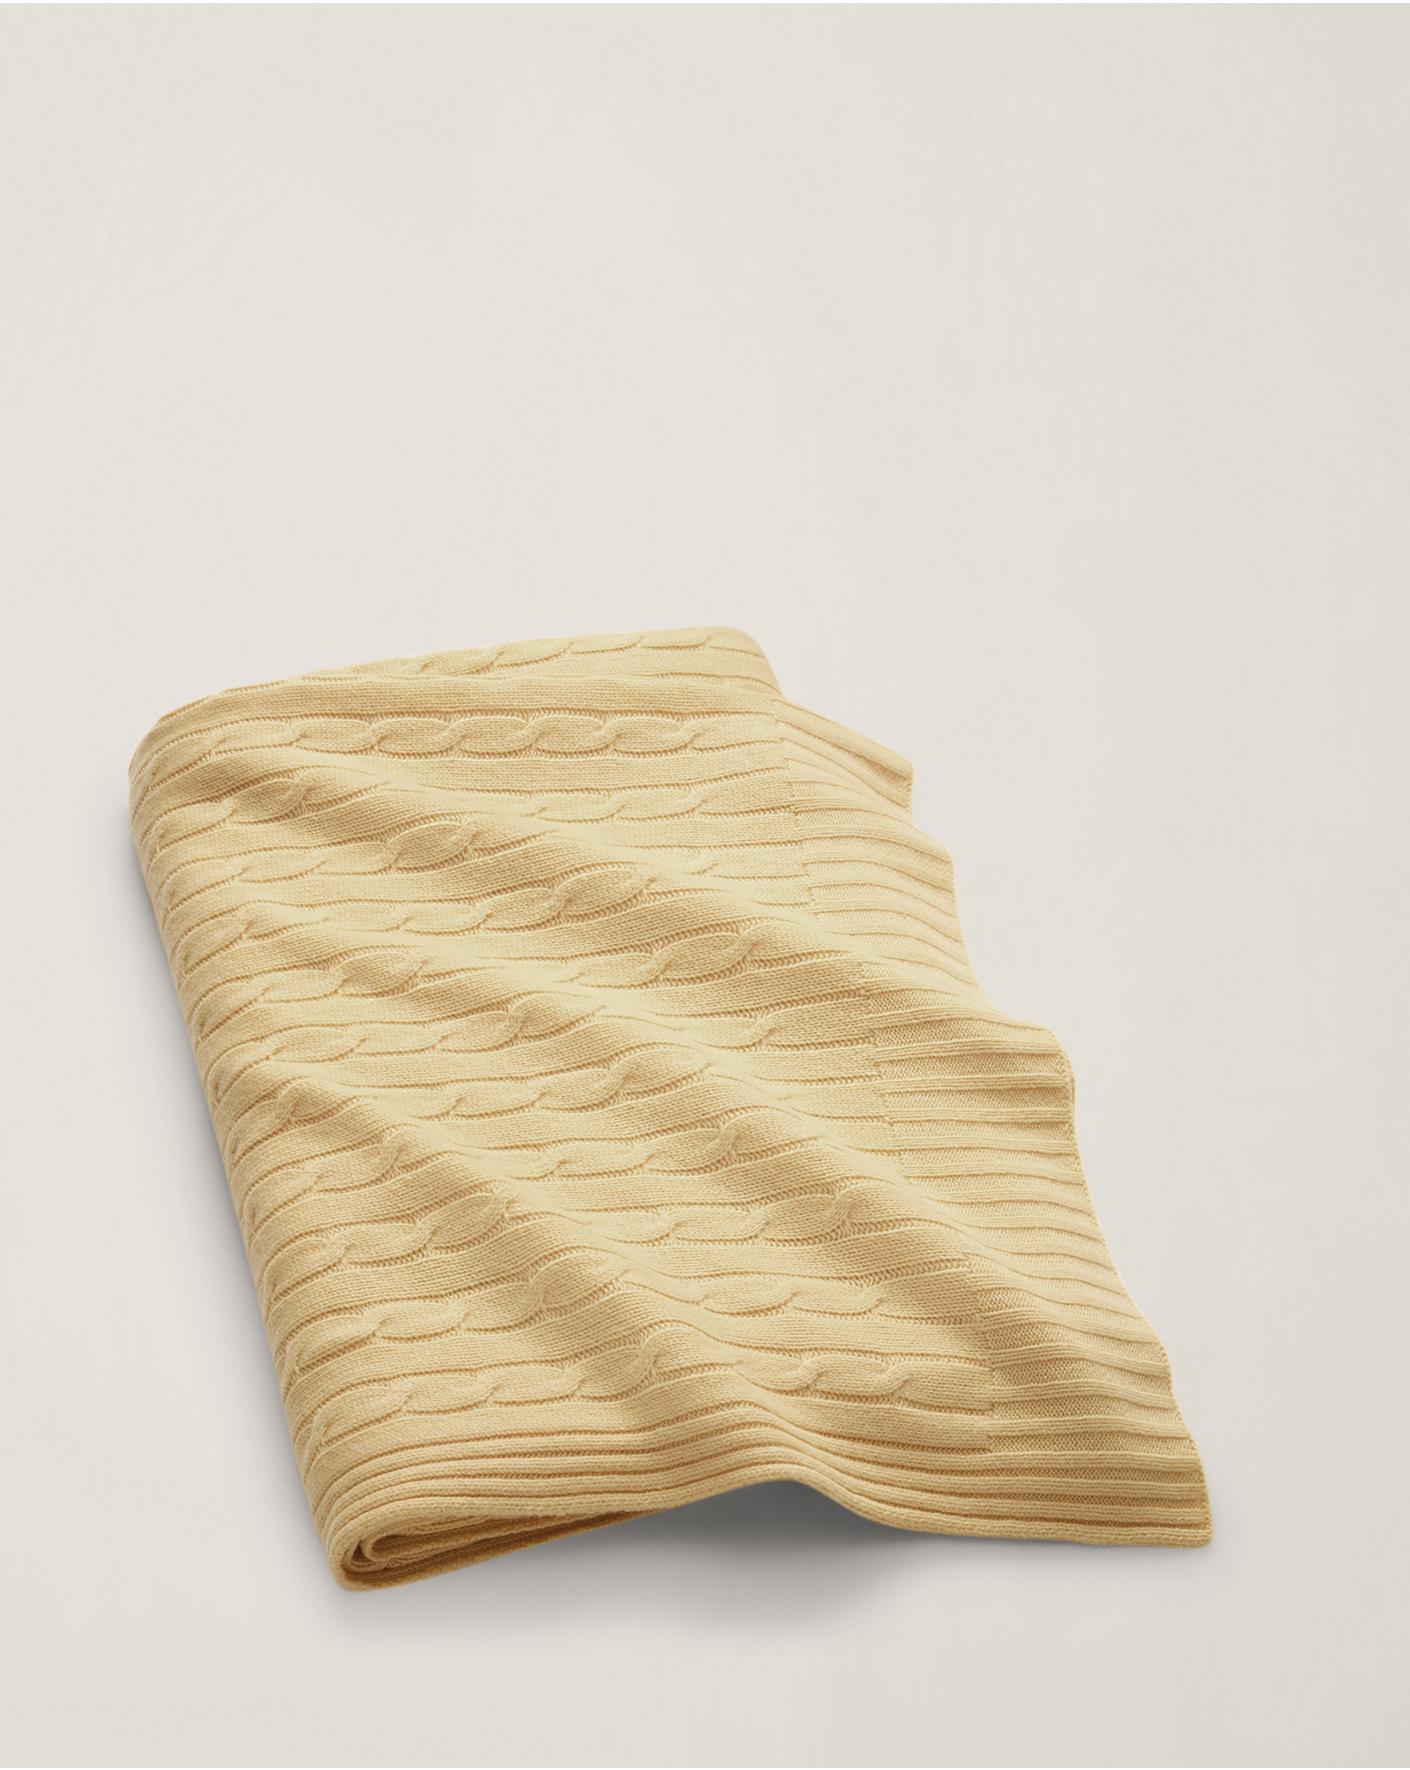 luxury pillows throws  blankets  ralph lauren - cable cashmere throw blanket  ralph lauren home throws  pillows ralphlaurencom